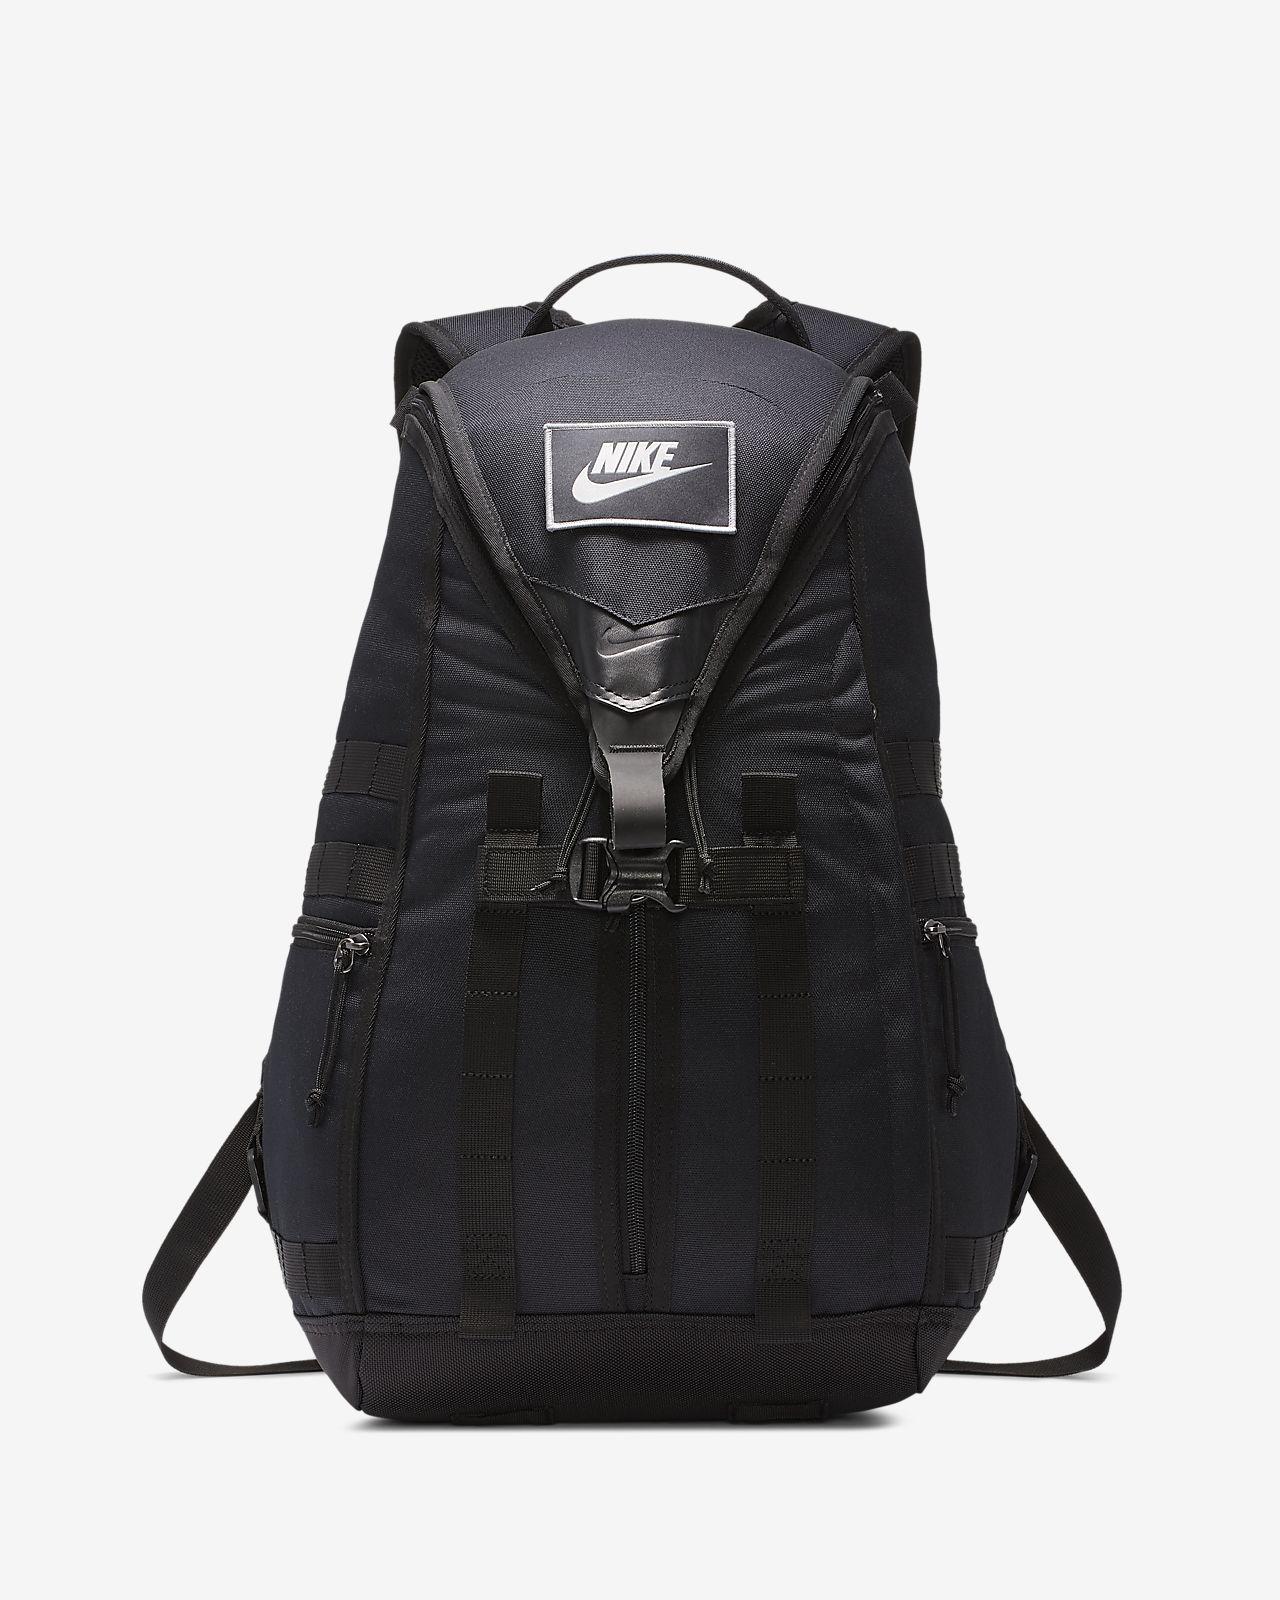 Nike Futura Backpack